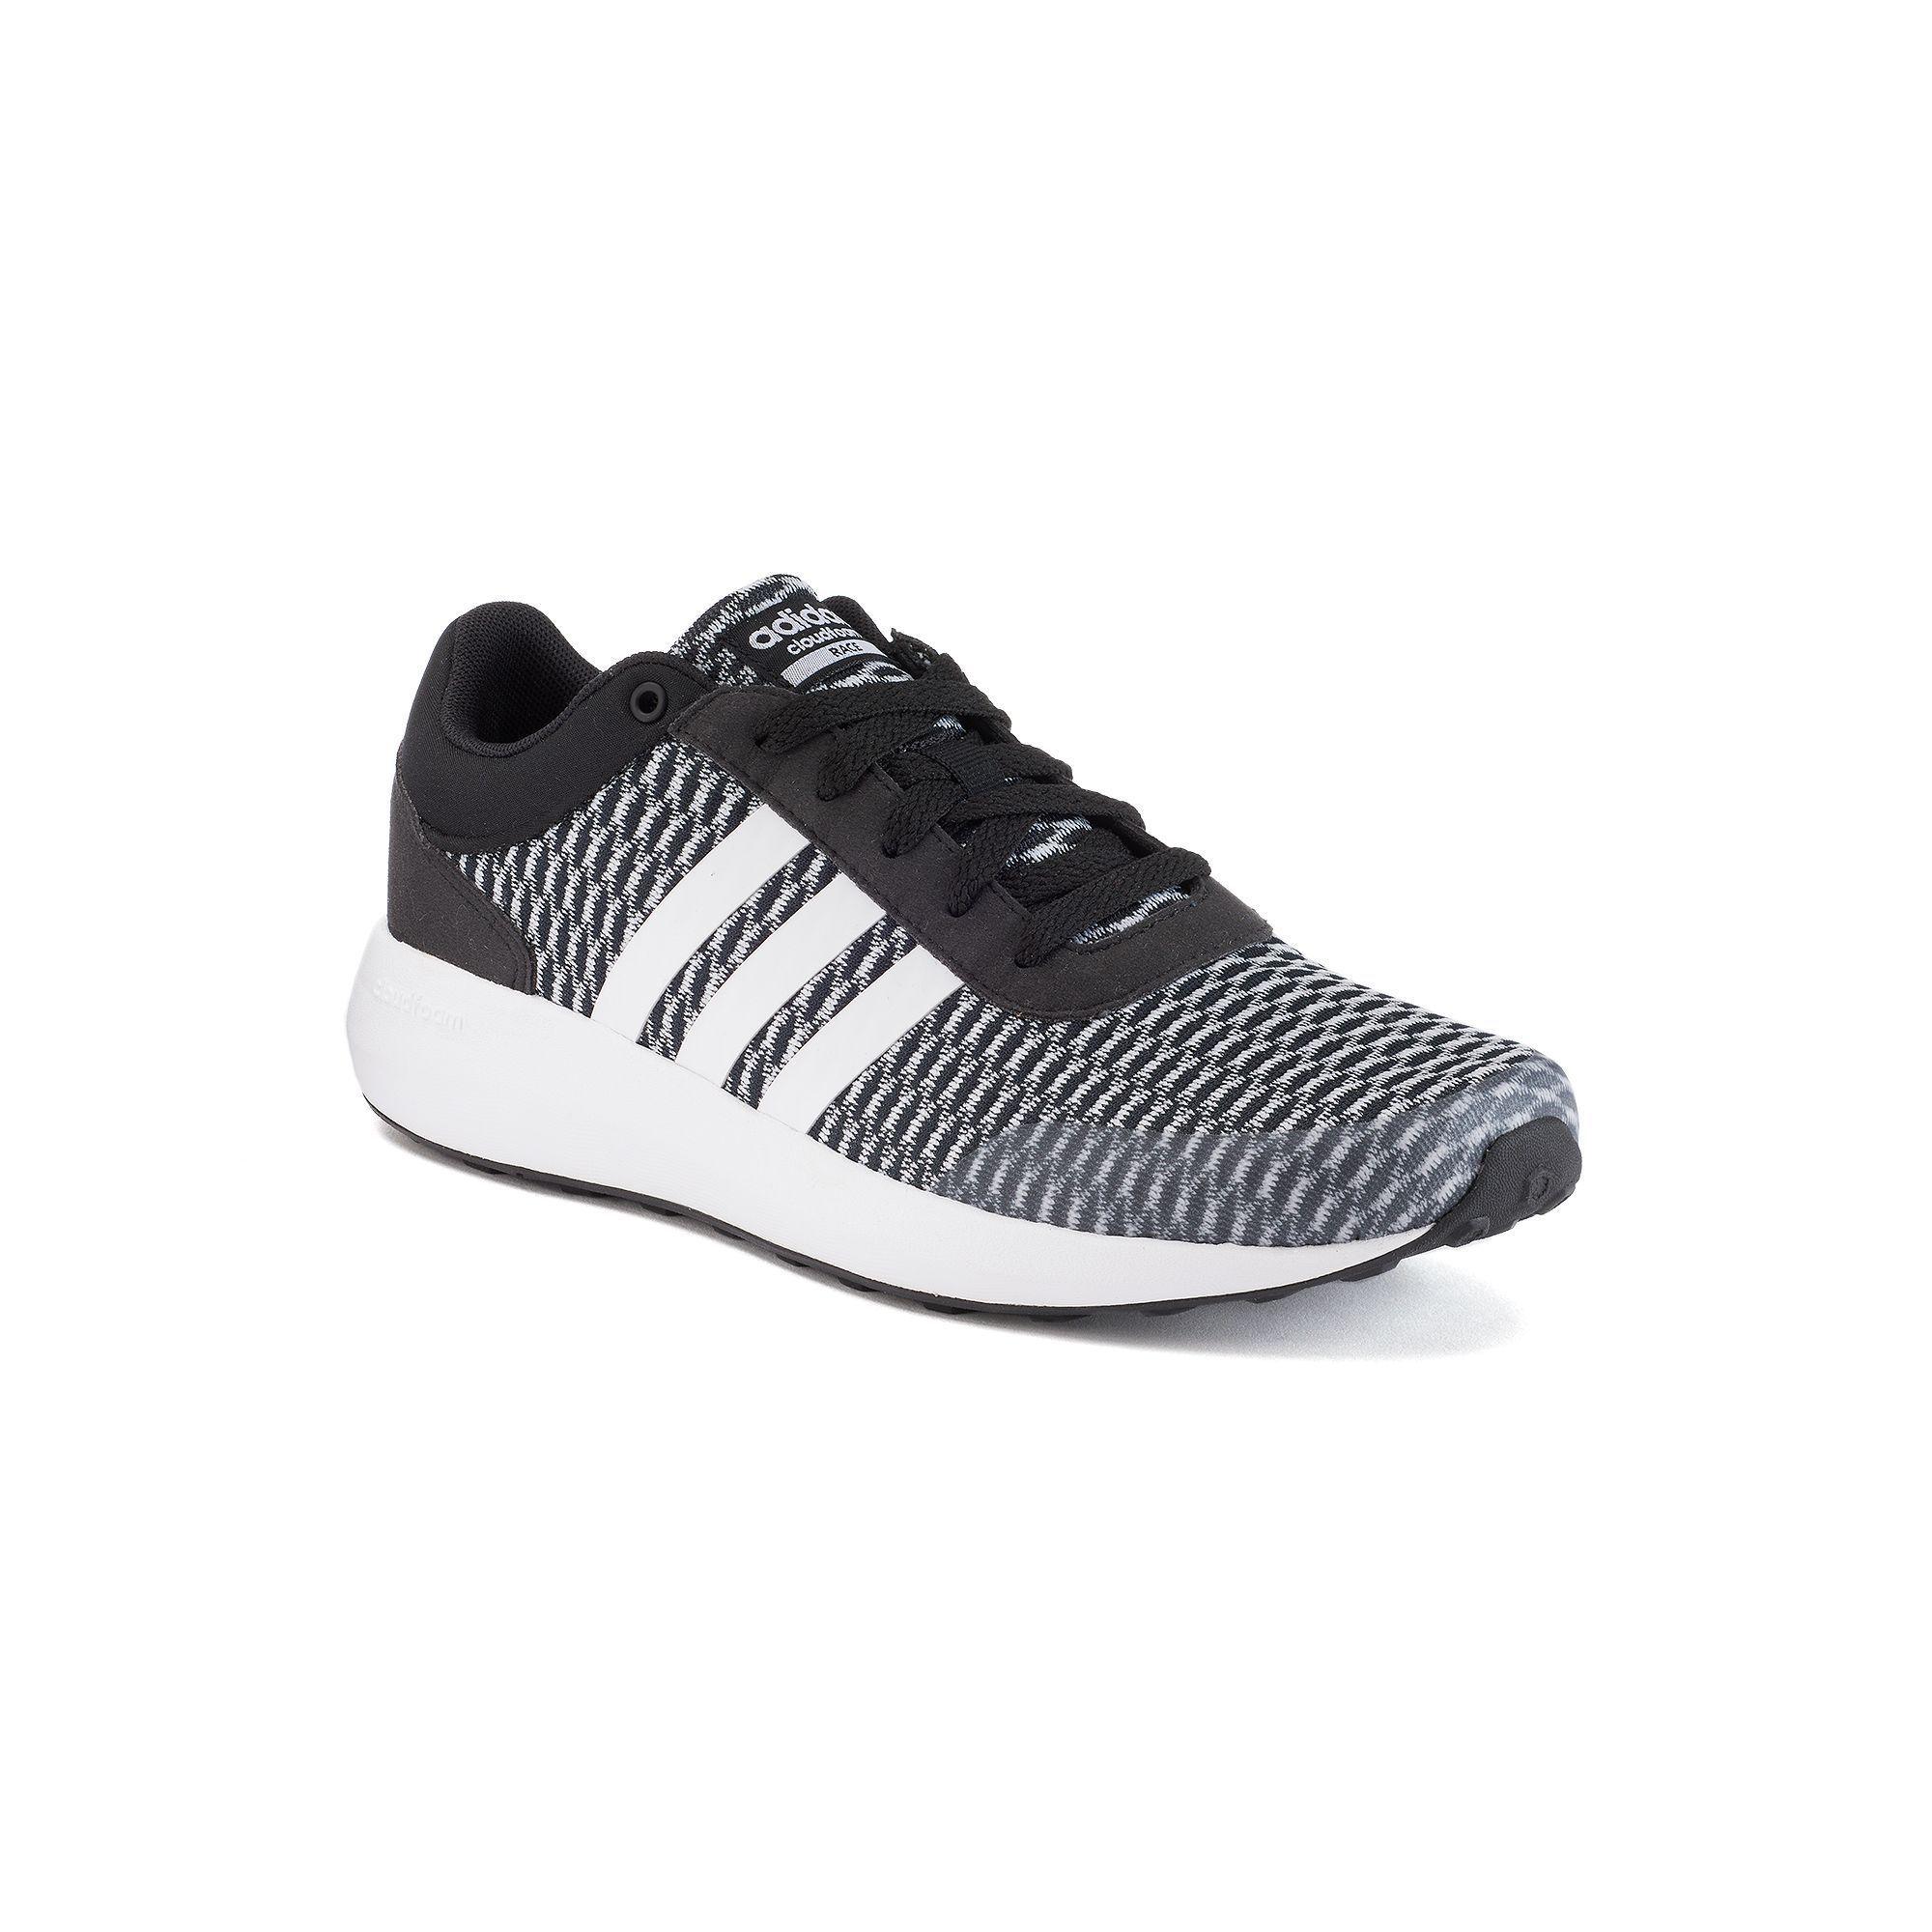 adidas cloudfoam race women's running shoes